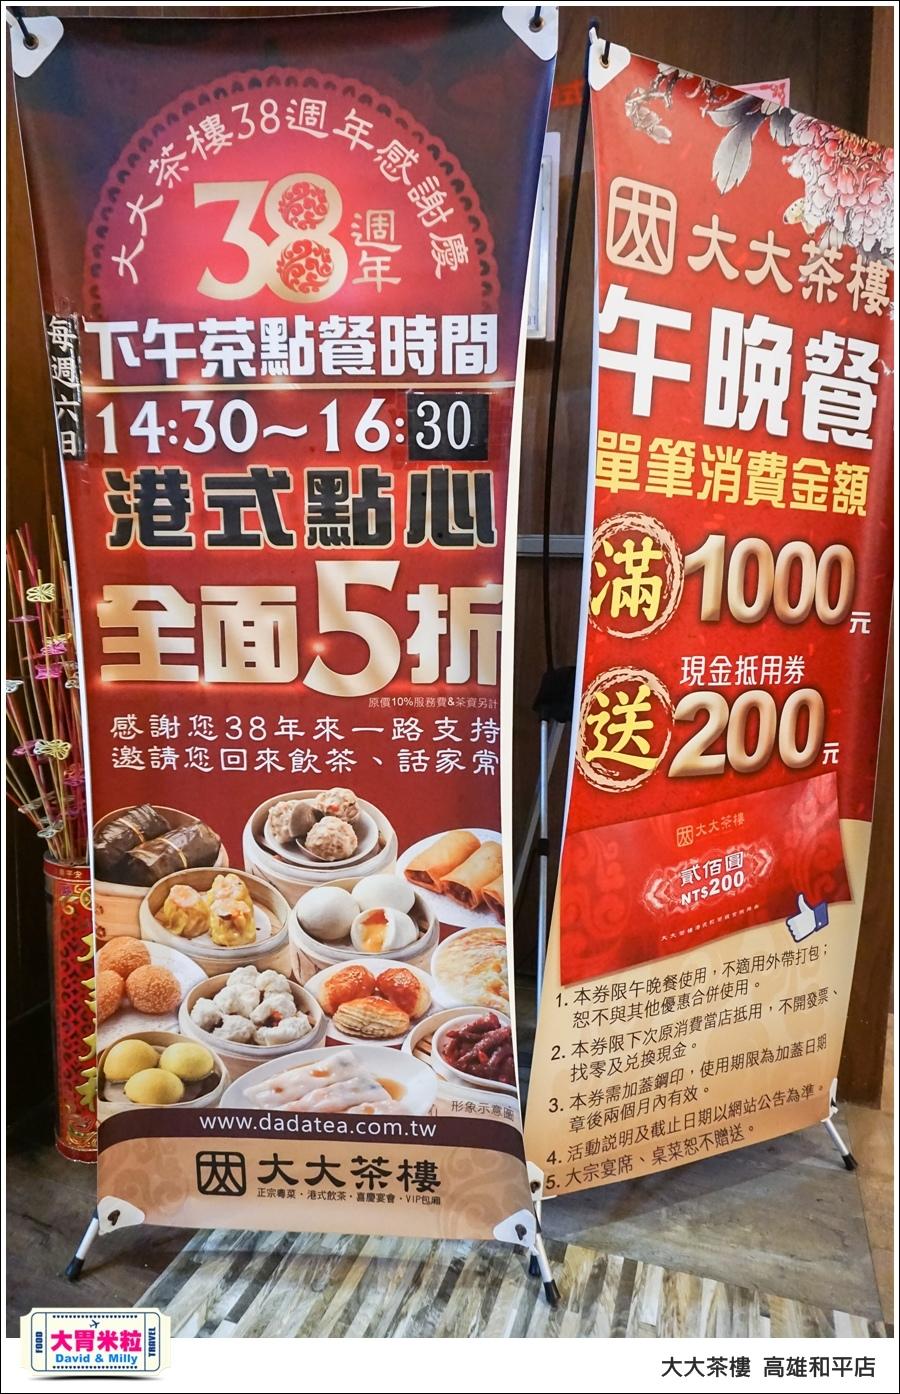 高雄粵菜港式飲茶推薦@ 大大茶樓 高雄和平店 @大胃米粒 0062.jpg